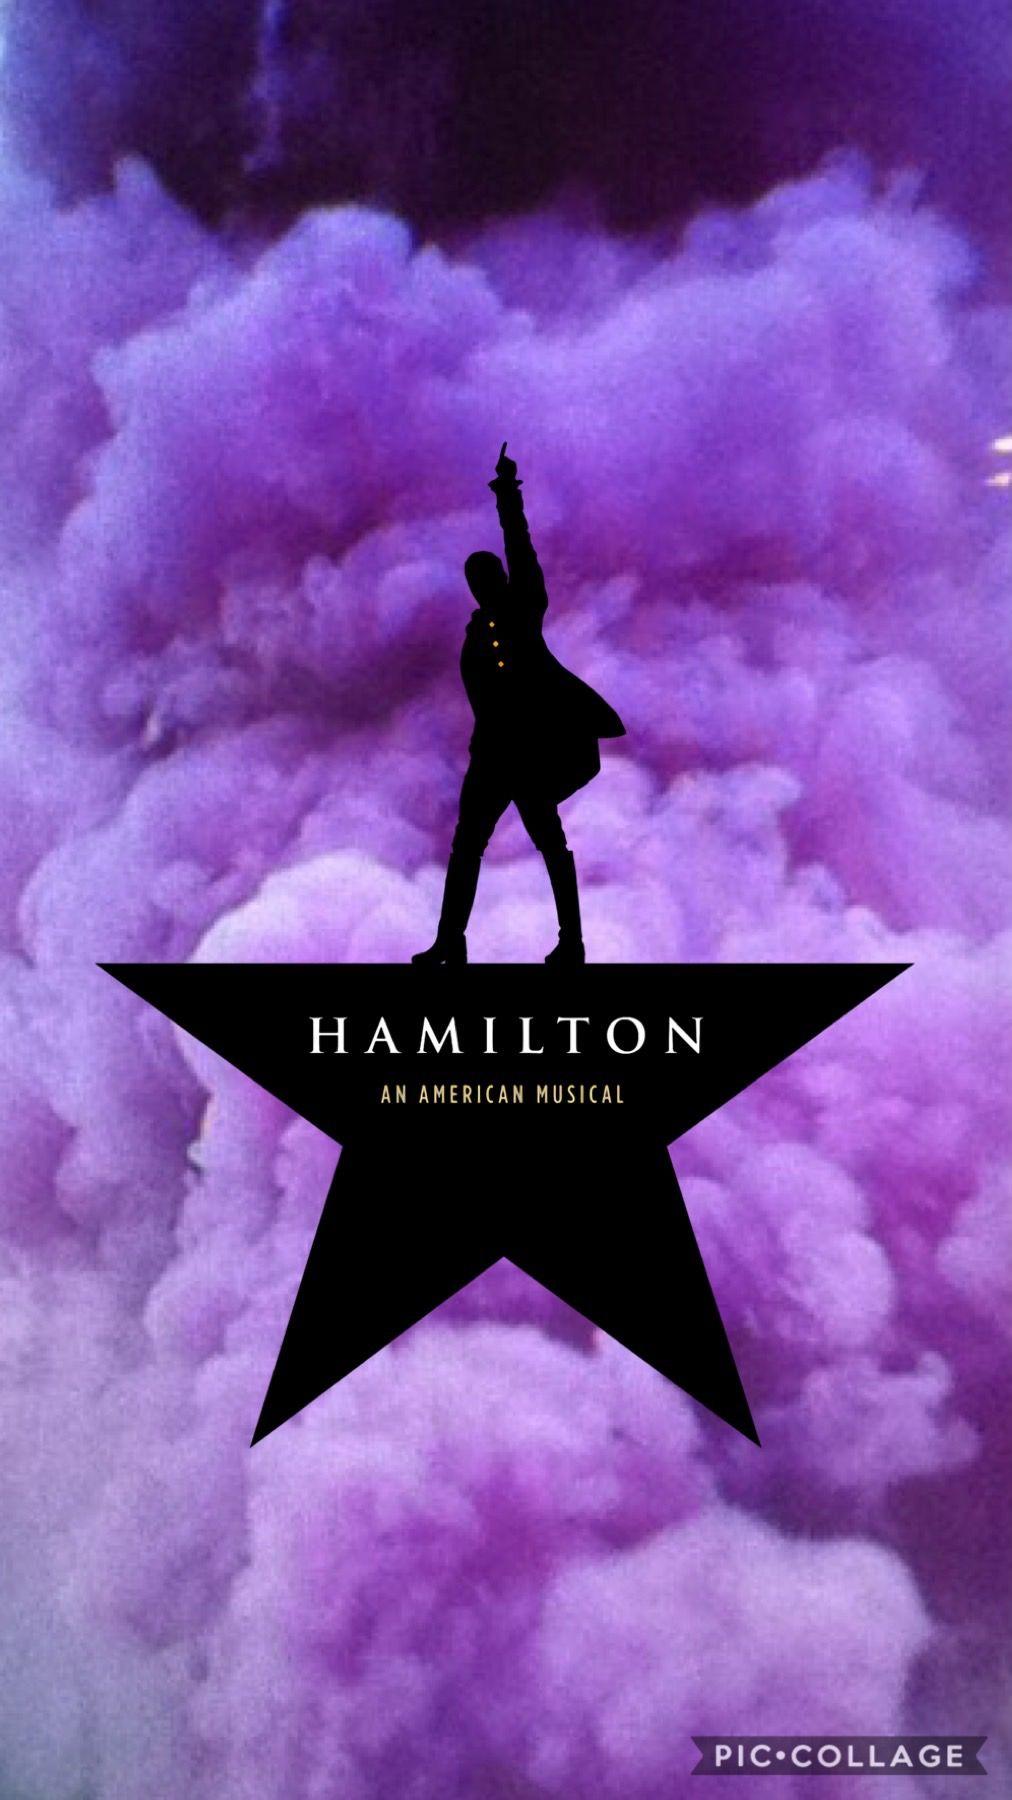 Pin By Fiona On Hamilton Hamilton Wallpaper Hamilton Background Hamilton Funny